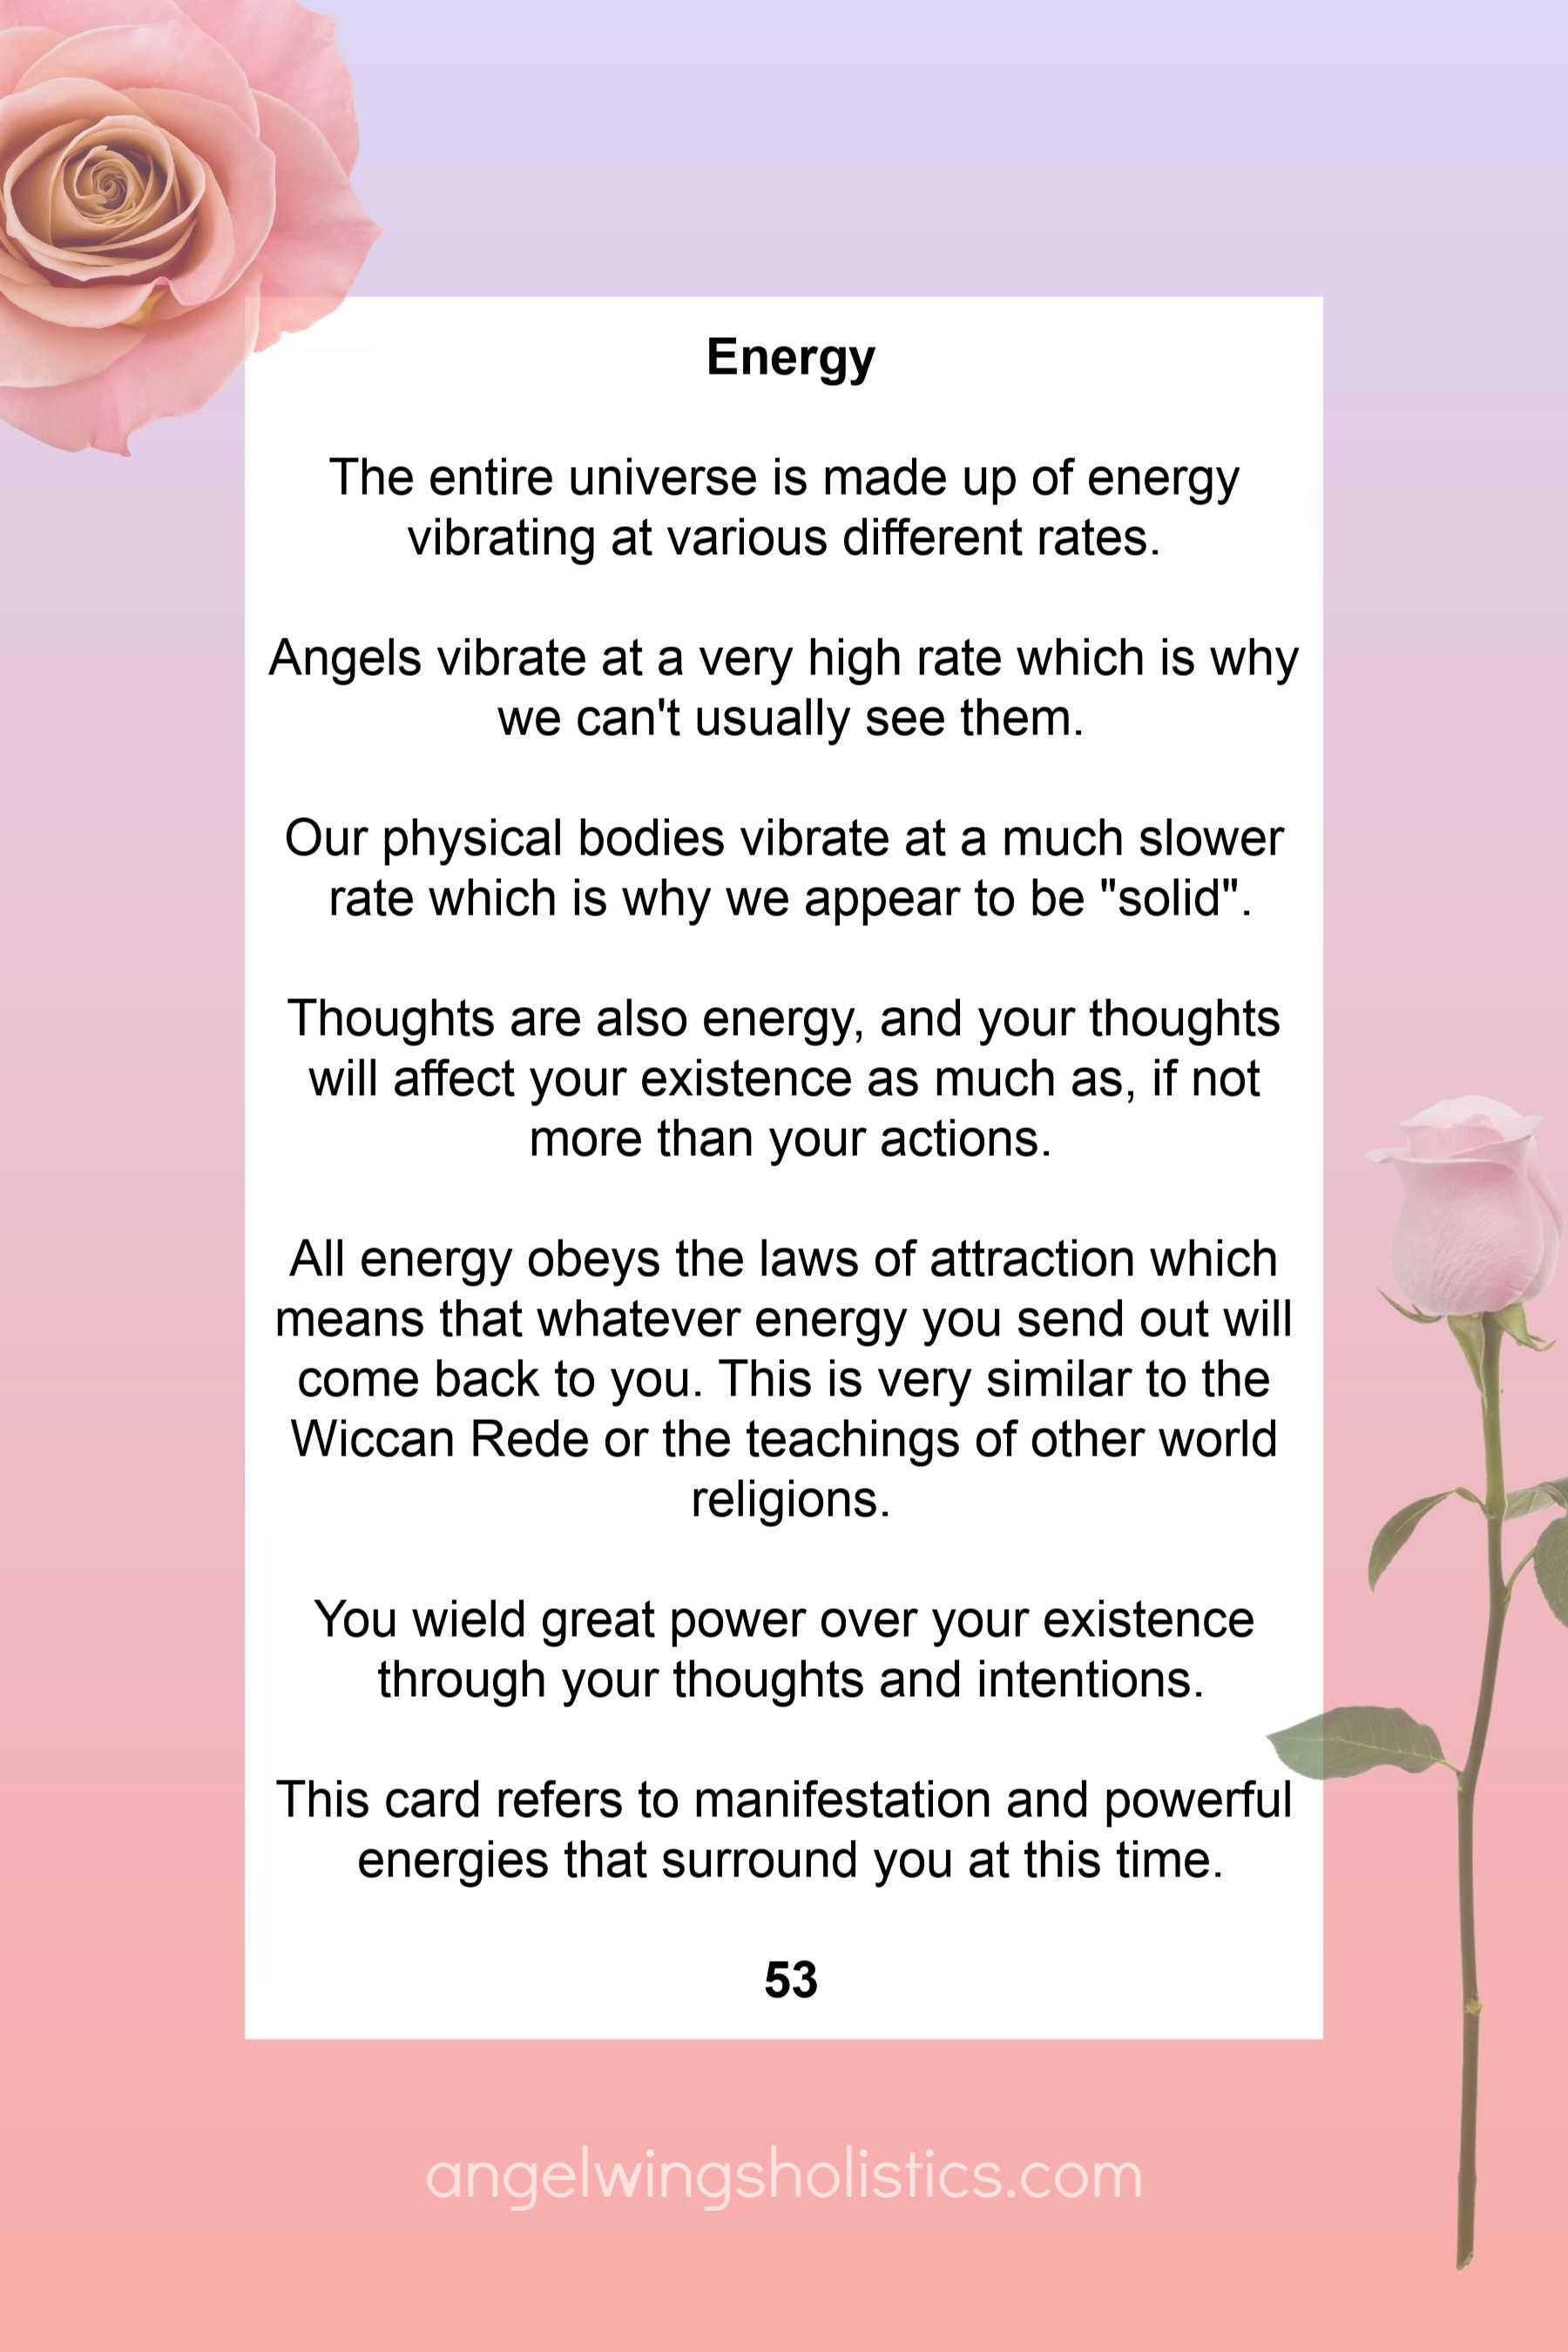 53-energy.jpg